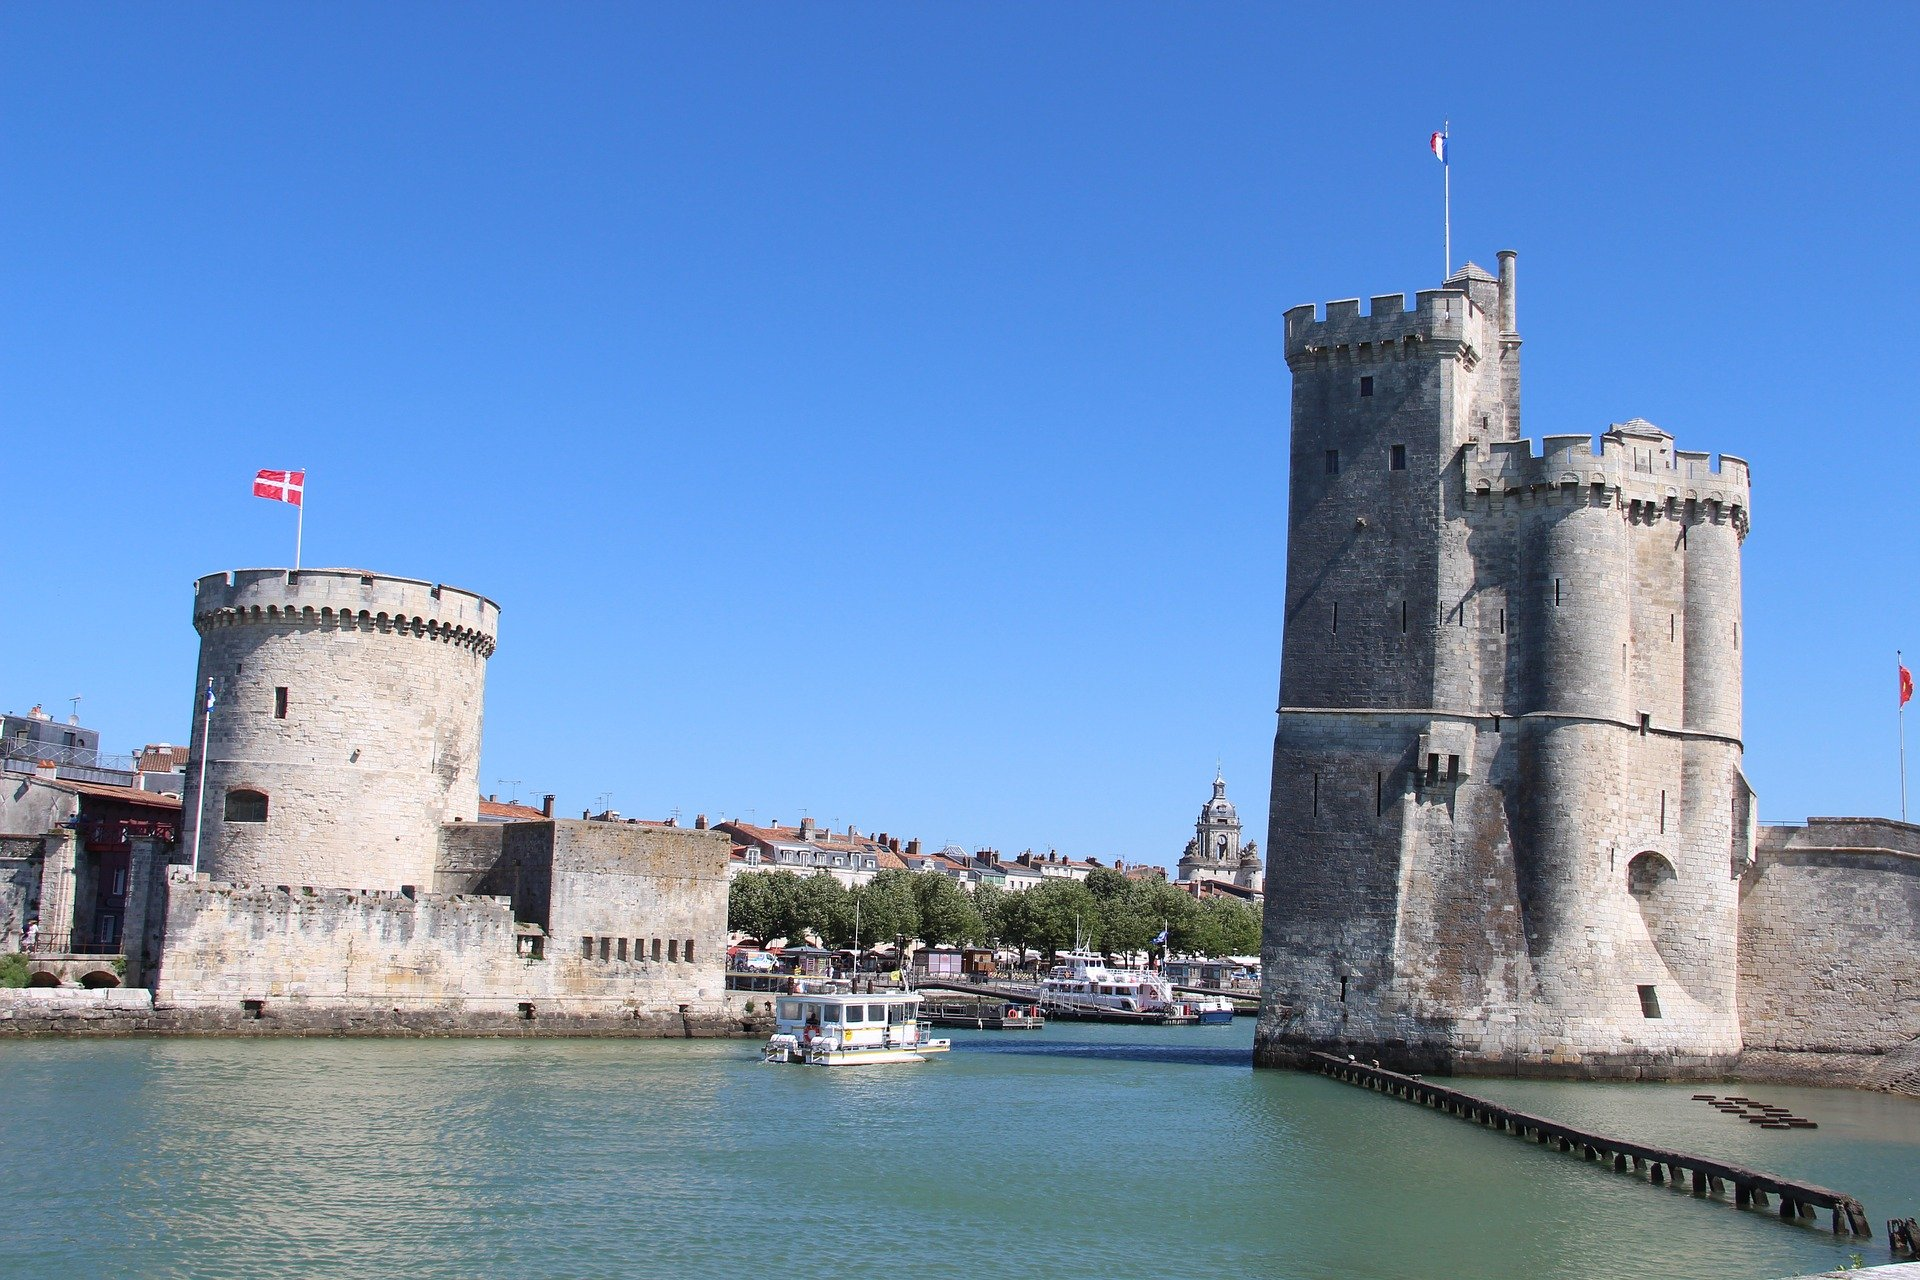 Les tours du Vieux-Port de la Rochelle vues de l'océan.